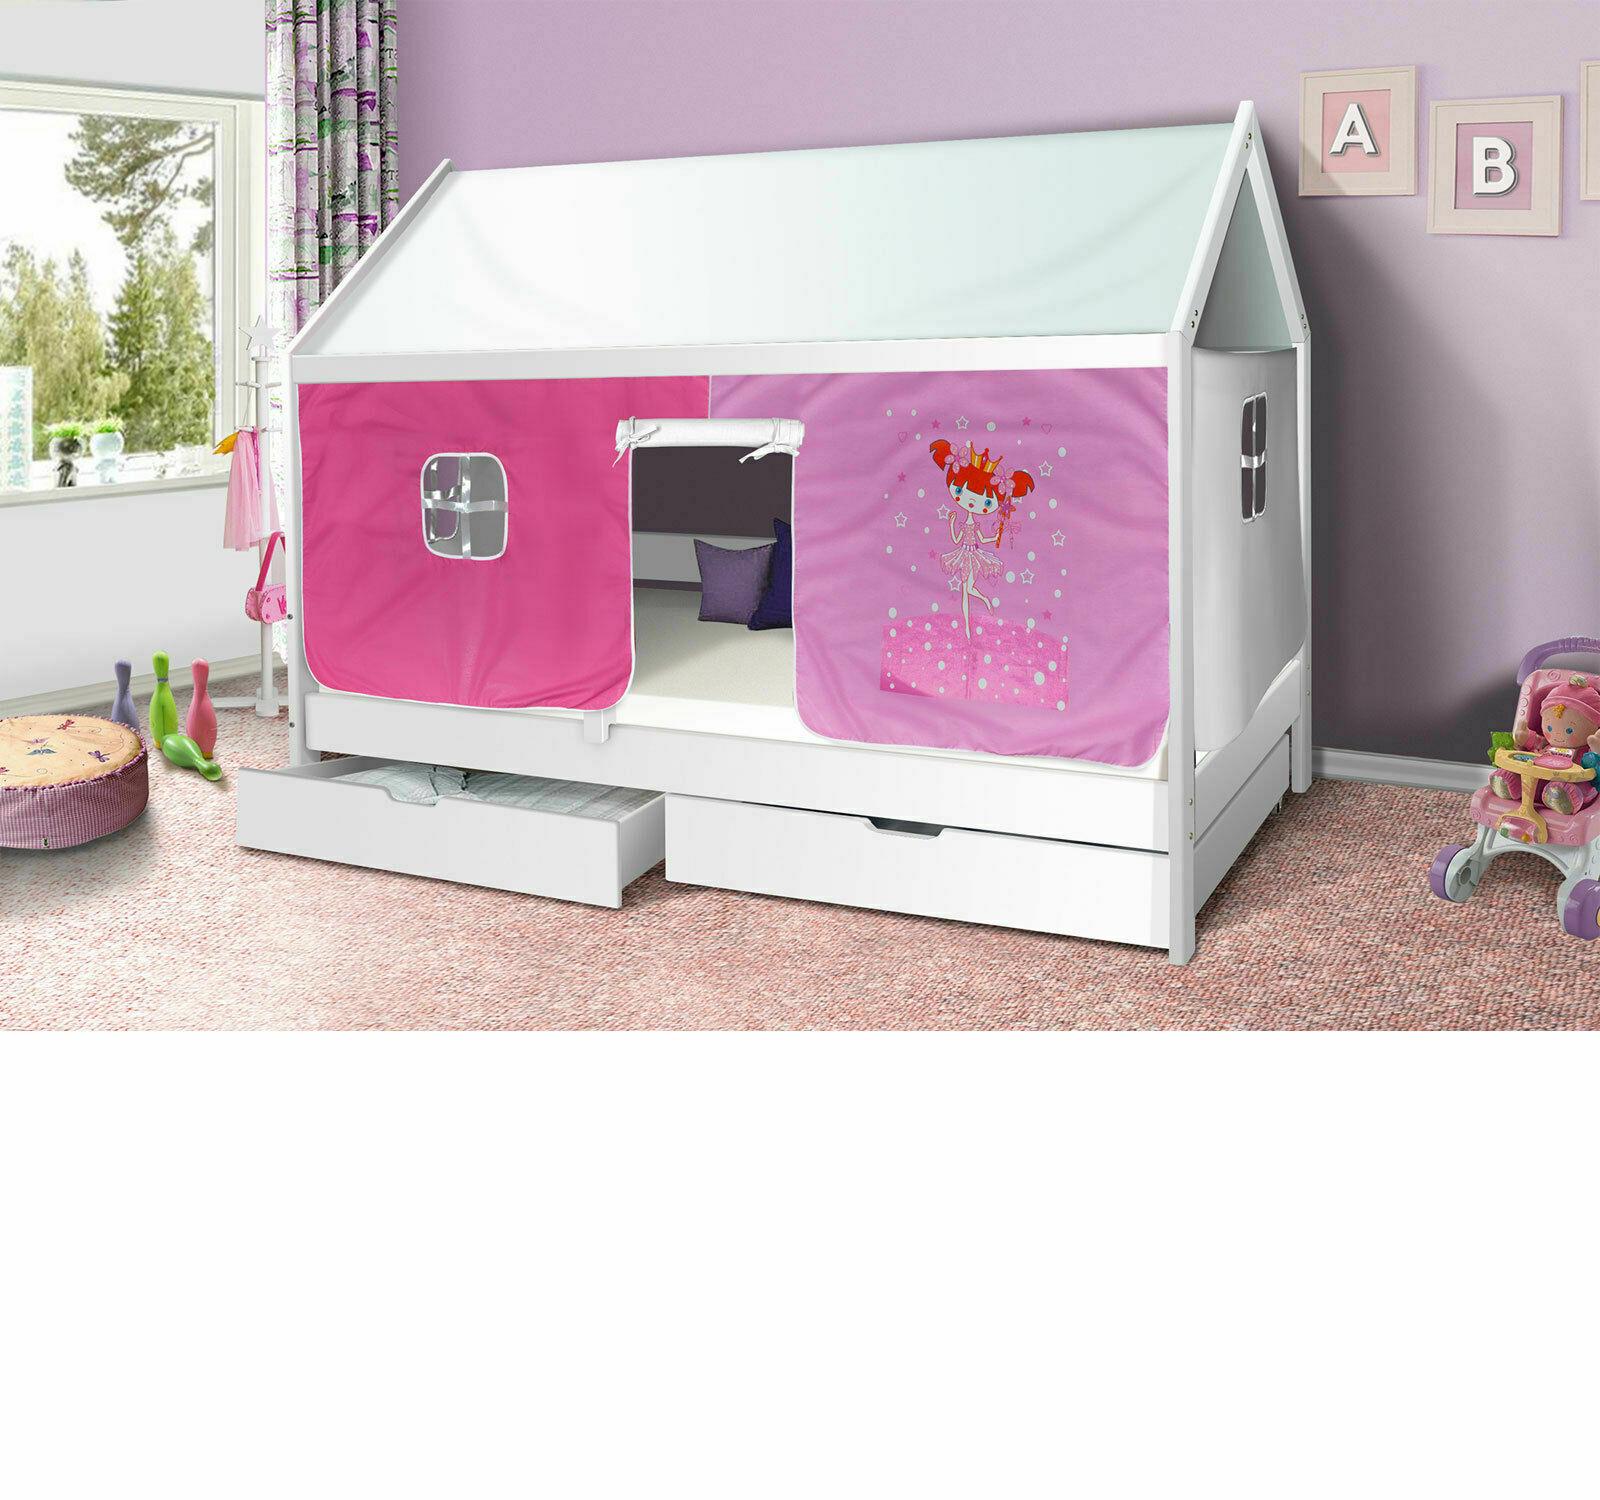 Hausbett Prinzessin Kinderbett Massiv Hochbett Spielbett Jugendbett 90x200